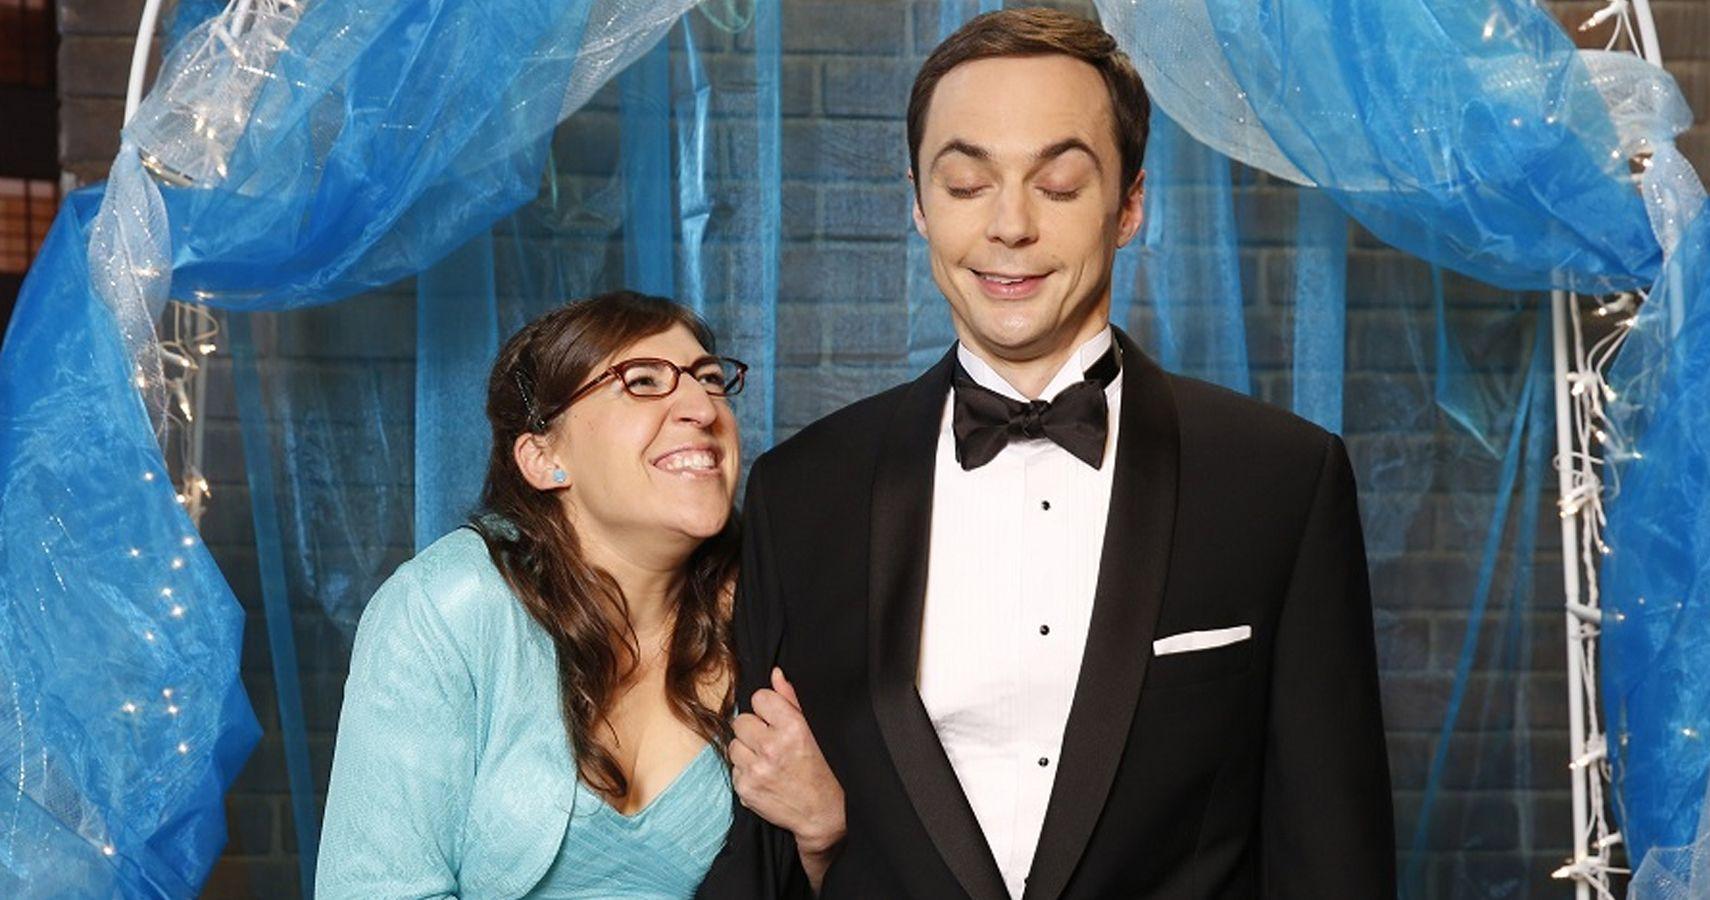 Sheldon begynder dating amy mest besøgte dating site i verden